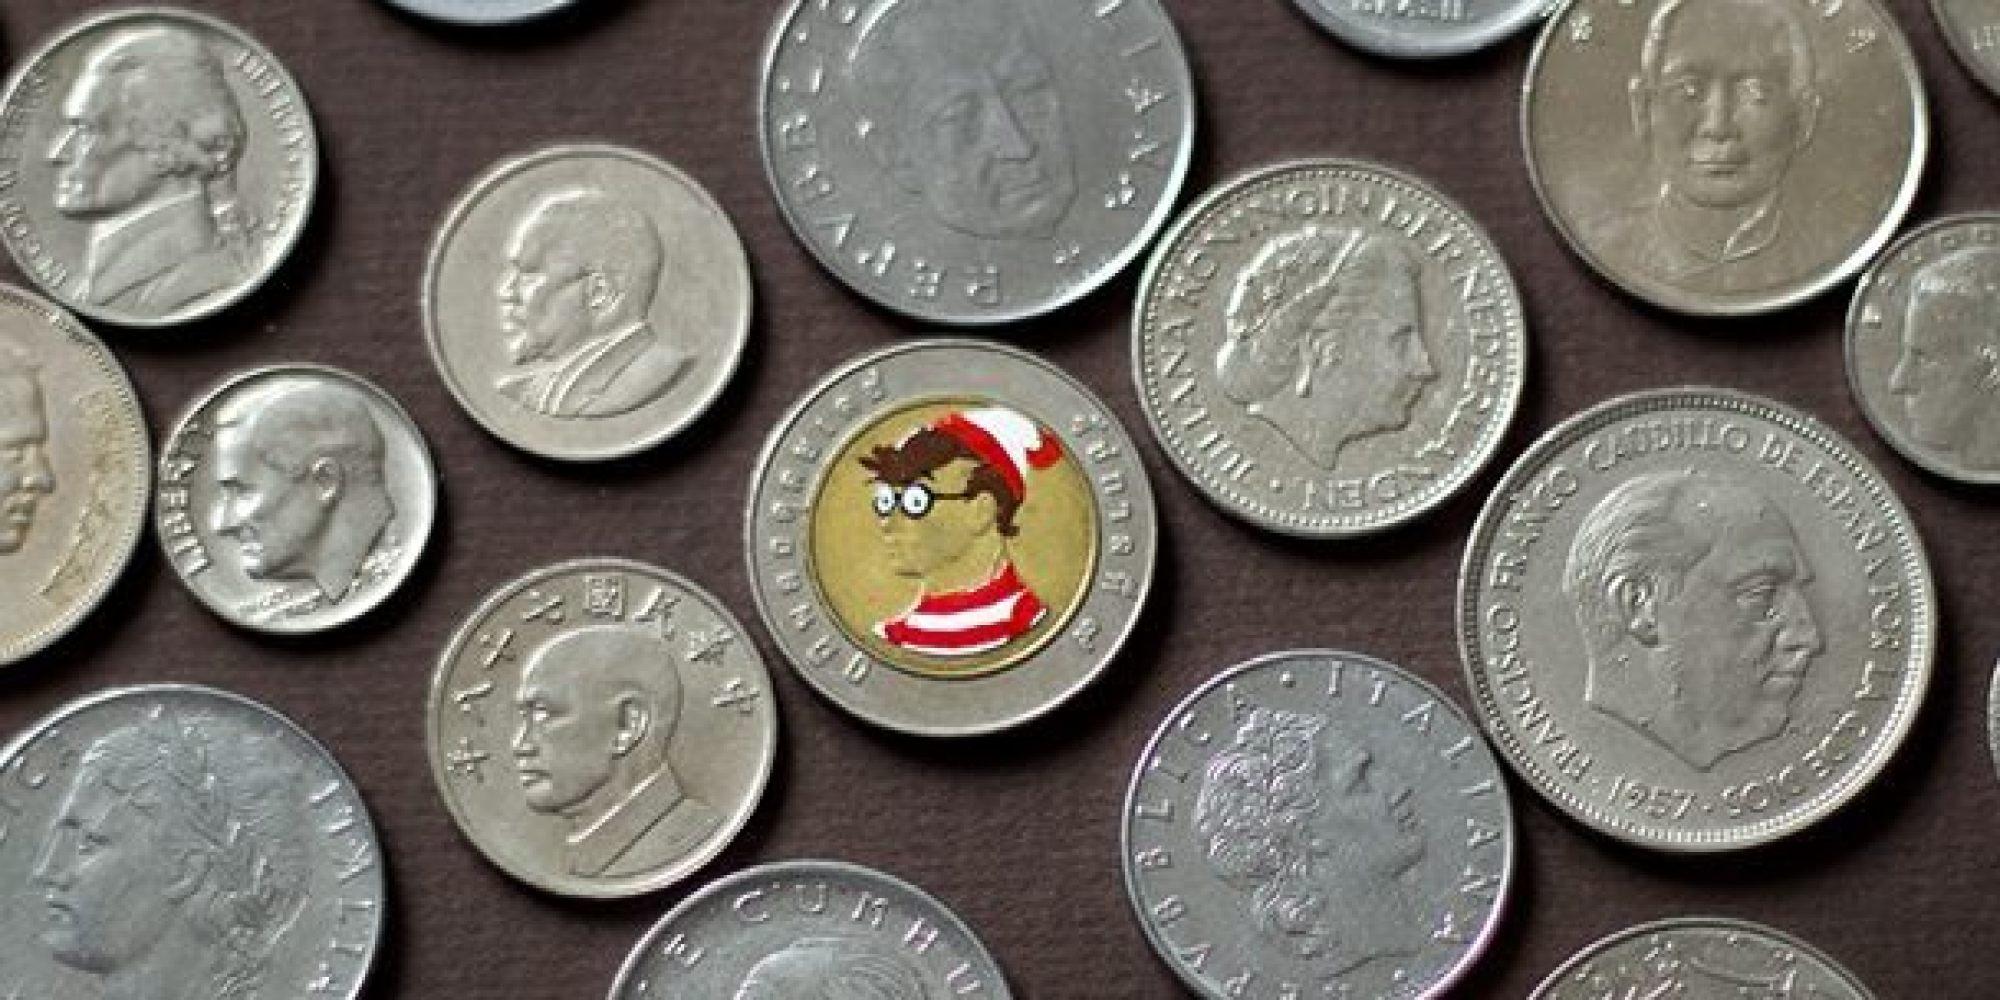 un collectionneur peint les pi ces de monnaie et r invente leurs personnages photos. Black Bedroom Furniture Sets. Home Design Ideas